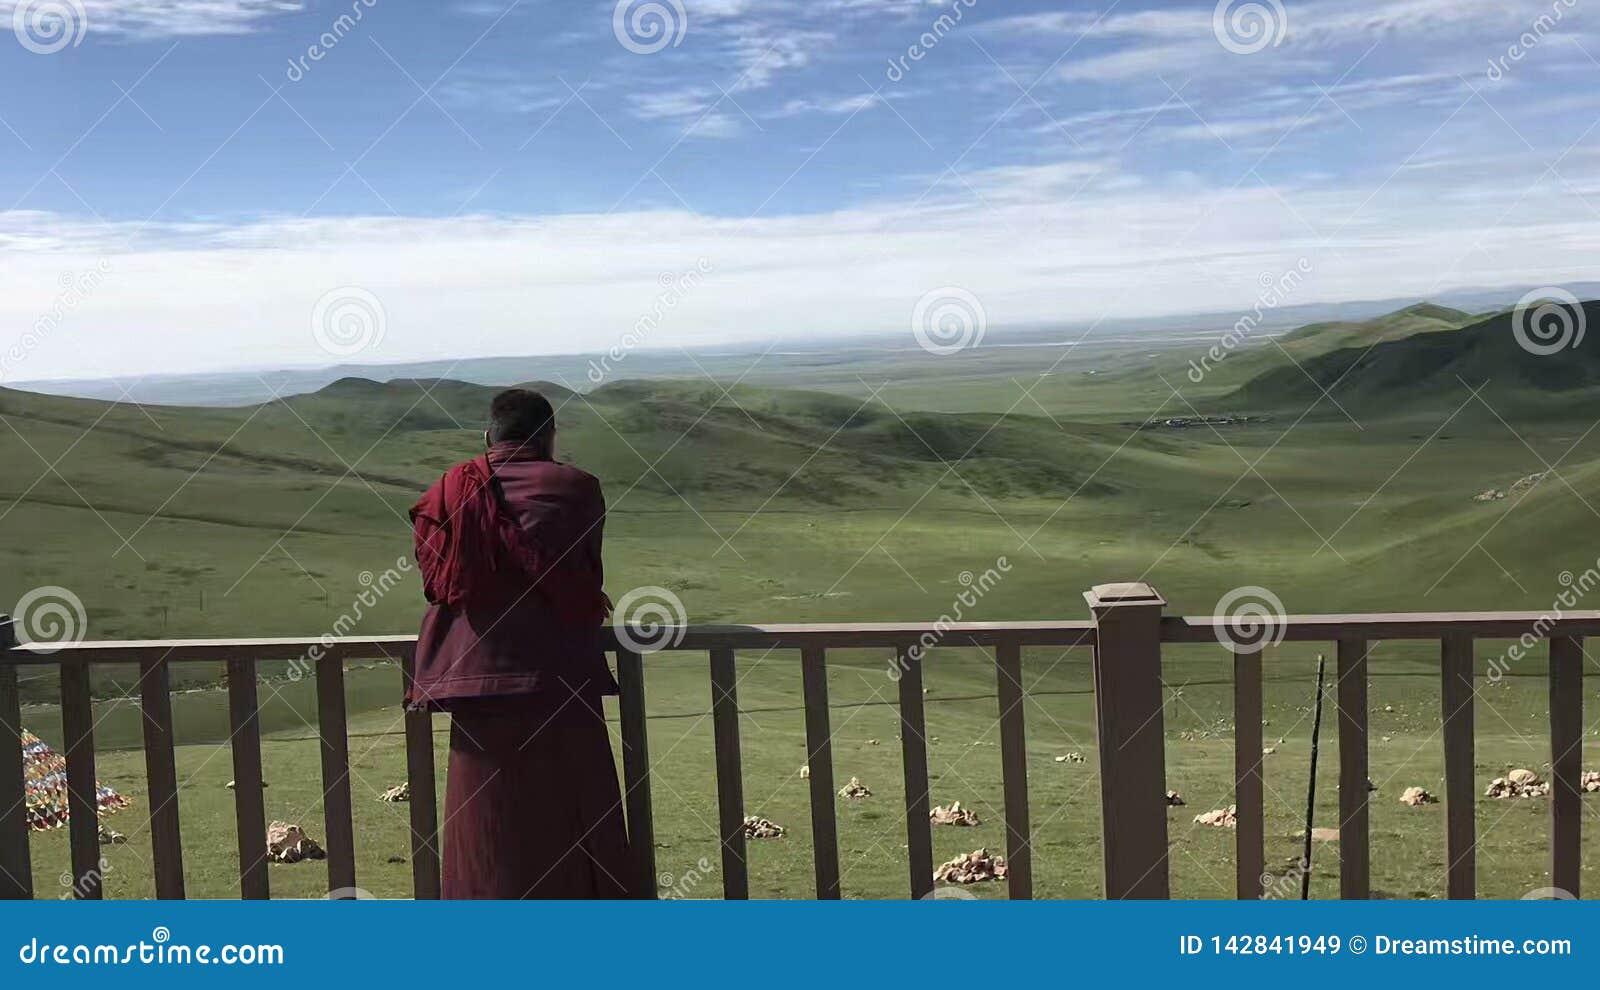 A lama prays at the endless prairie